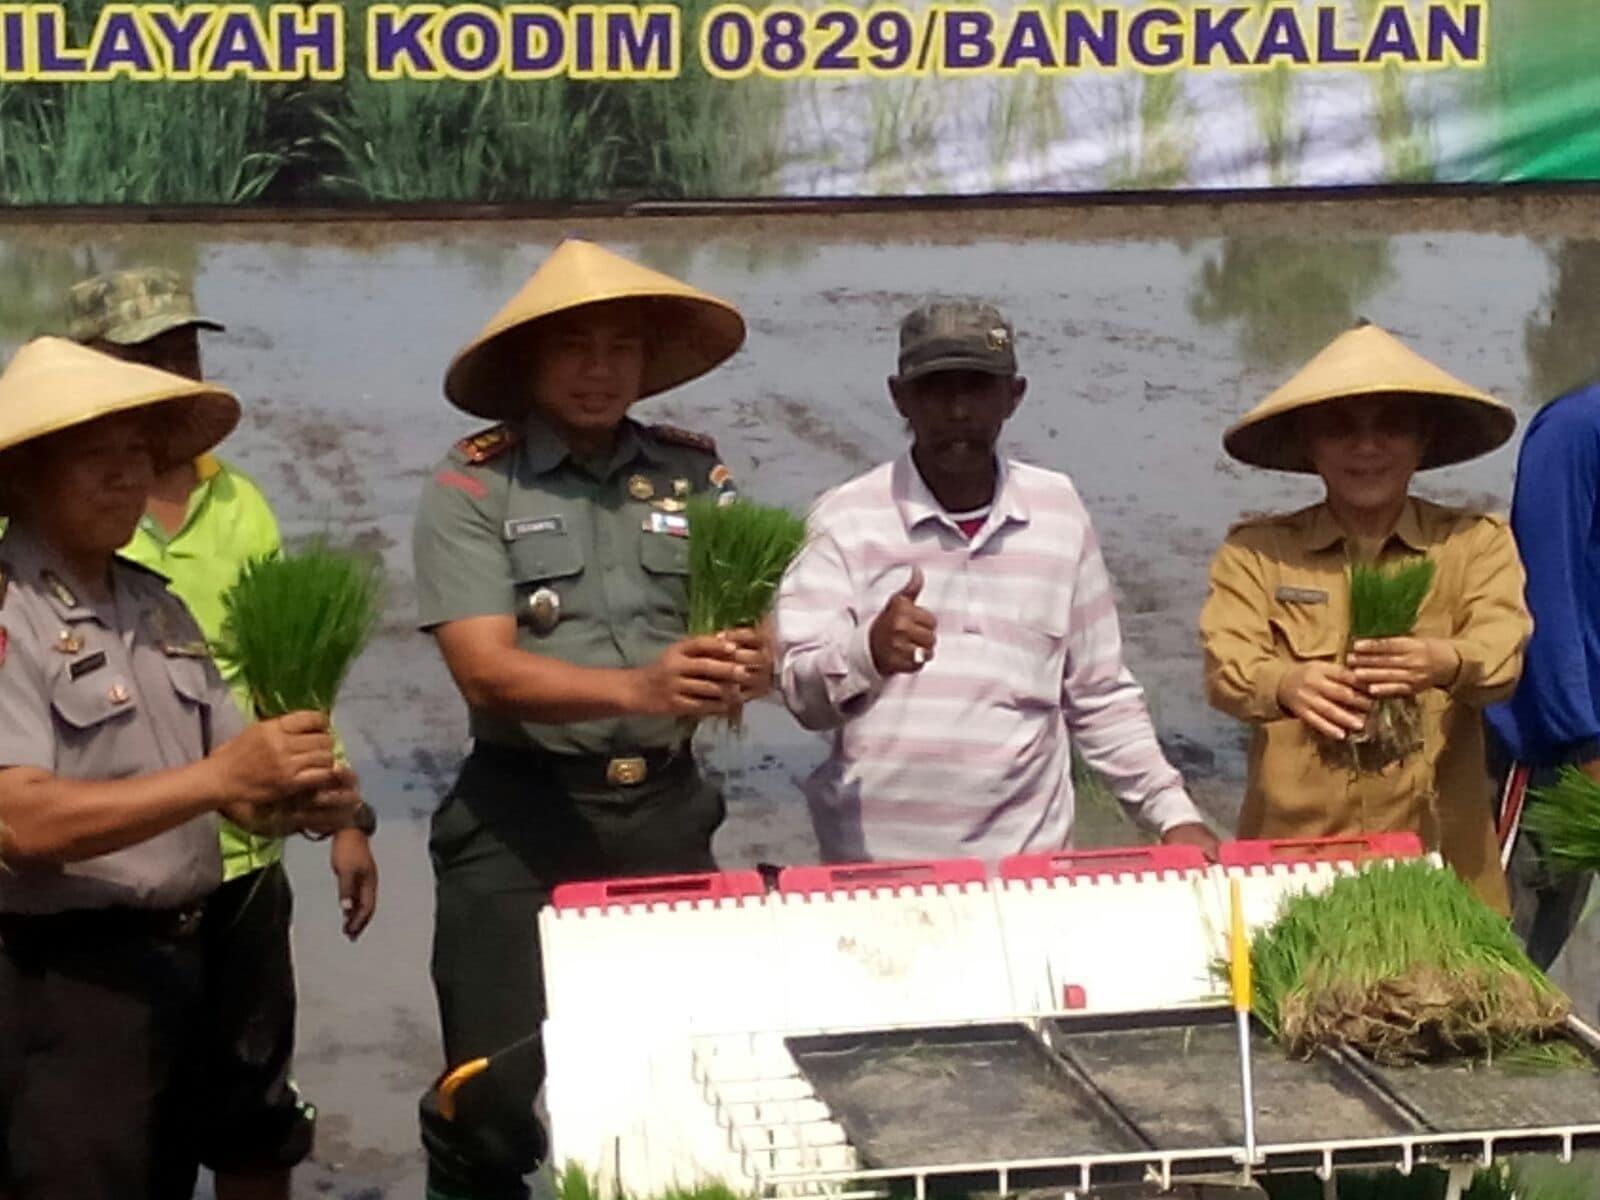 Kodim dan Forpimda Bangkalan Tanam Padi Serentak